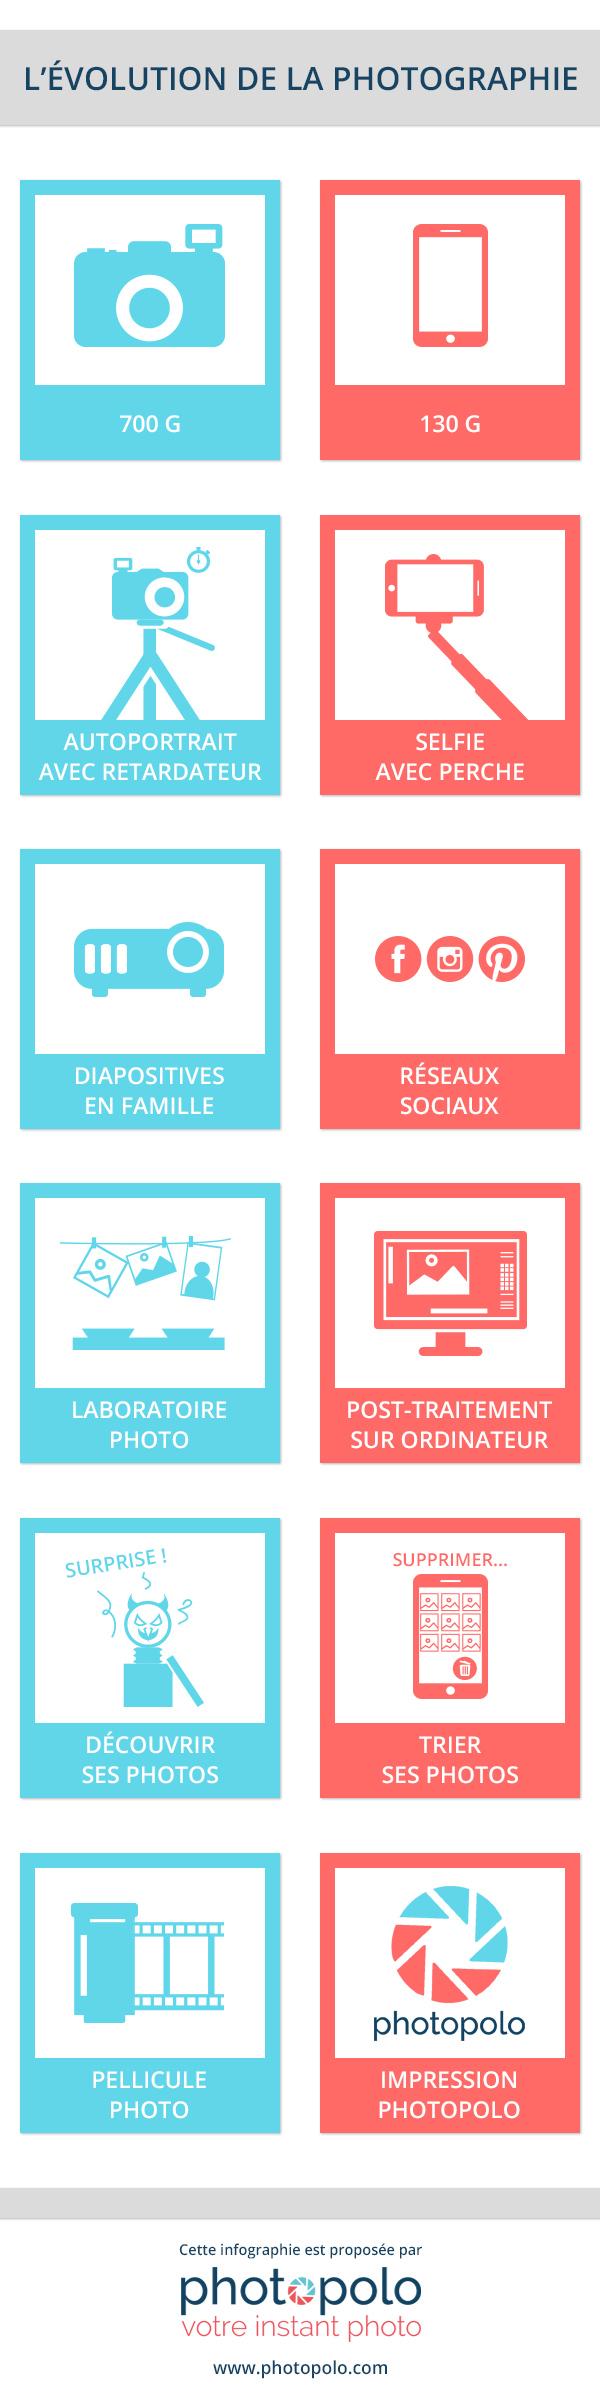 Infographie Photopolo : l'évolution de la photographie